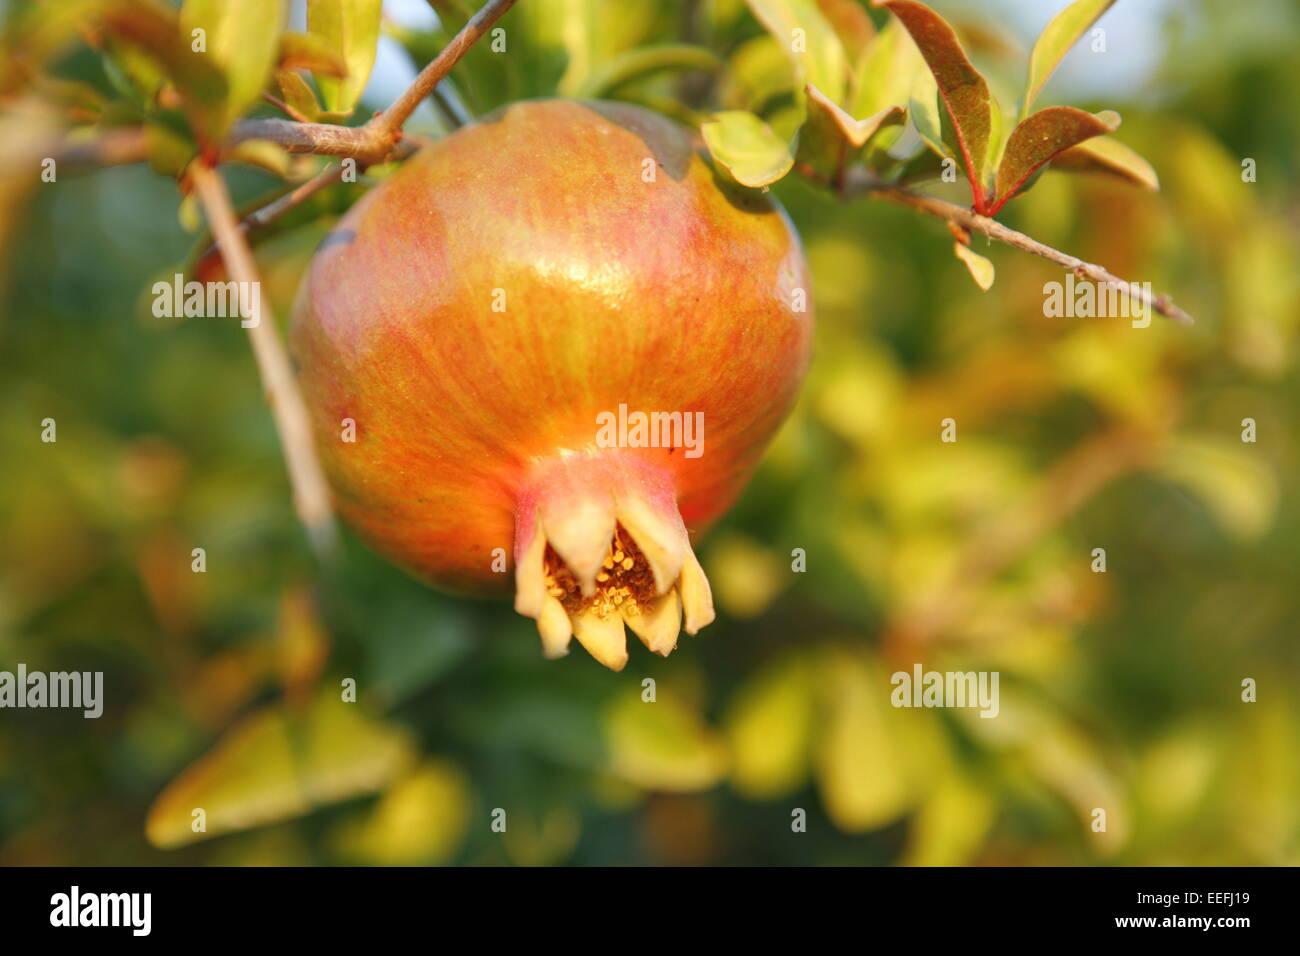 Beerenfruechte Natur, Farbstimmung gruen, Granatapfelbaum, Grenadine, Heilpflanzen, Kulturpflanzen, Natur, Nutzpflanzen, Stock Photo